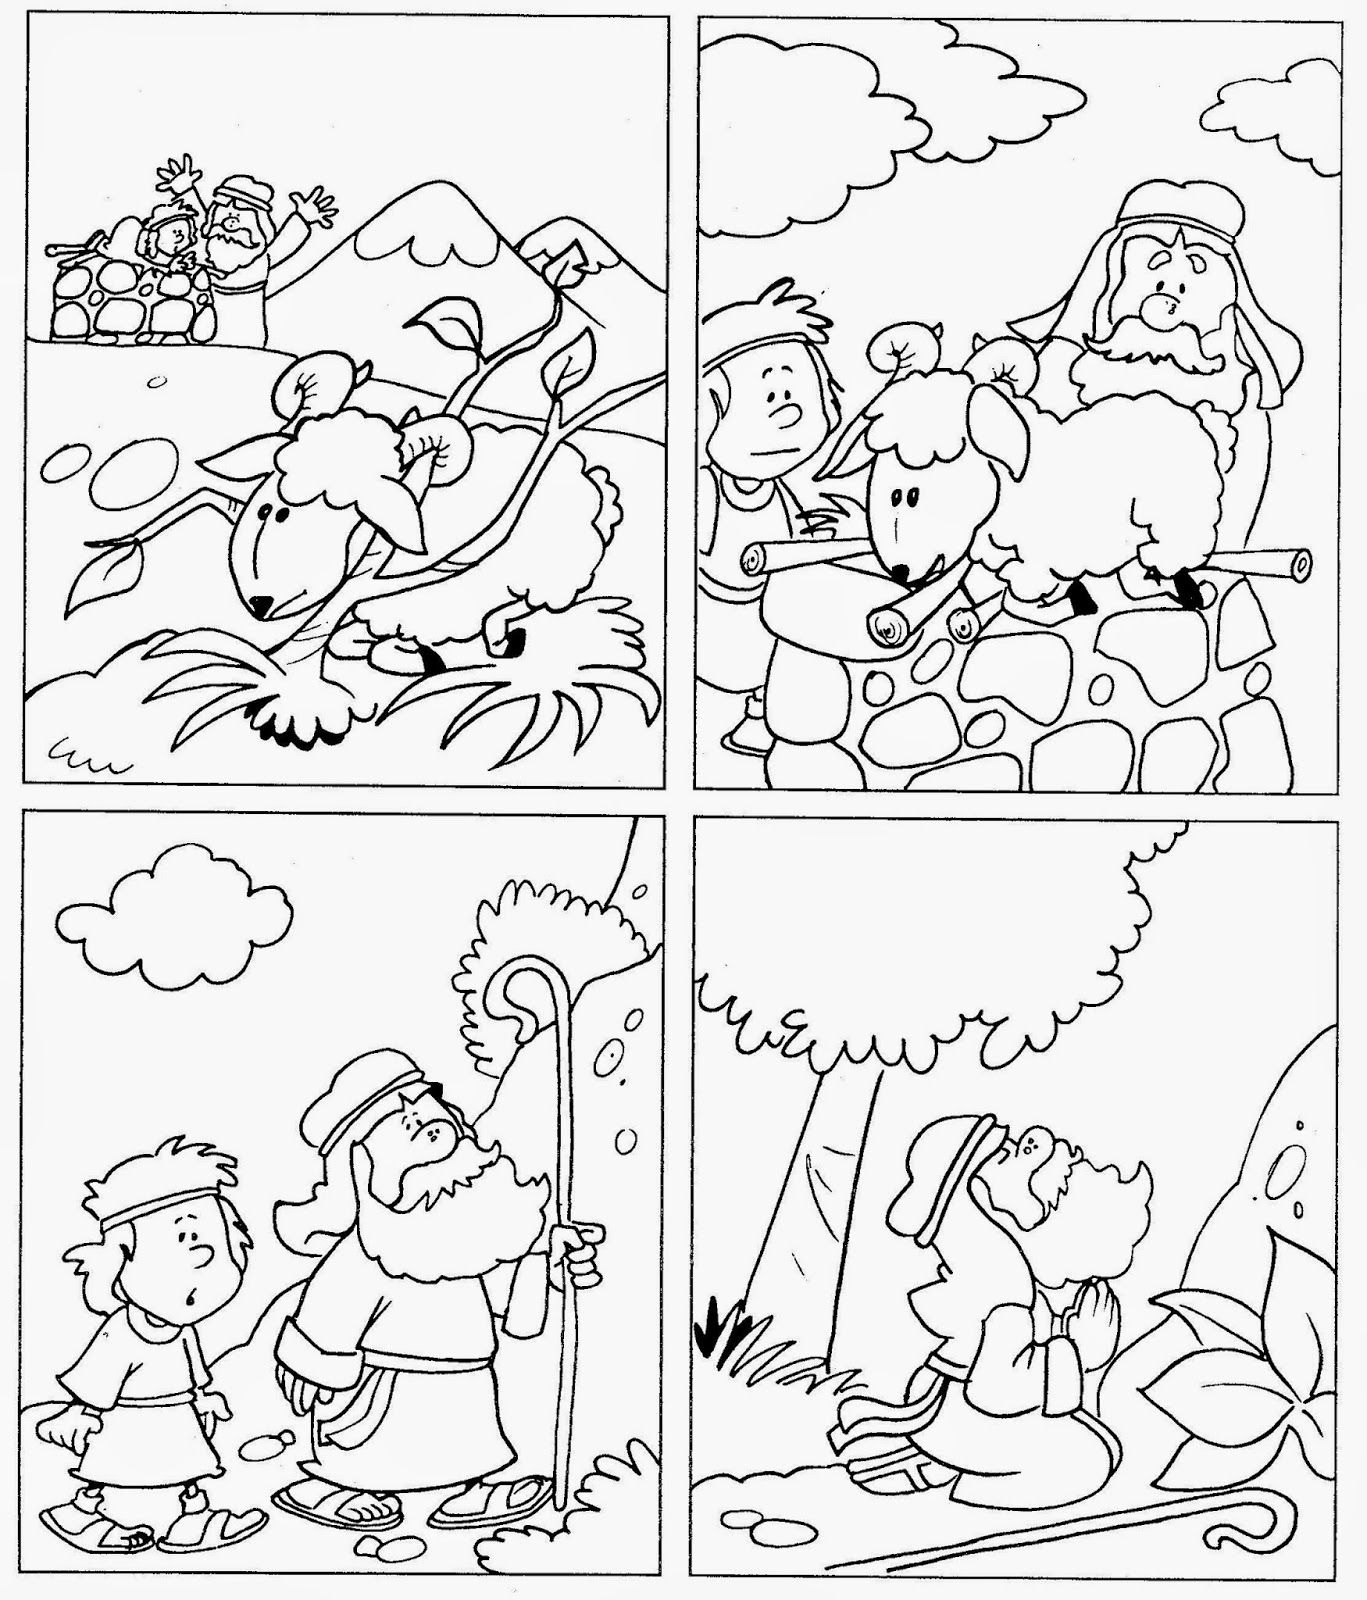 Historia Abraham E Isaac Para Colorear Buscar Con Google Lecciones De Biblia Para Preescolar Historias De La Biblia Para Ninos Biblia Para Ninos